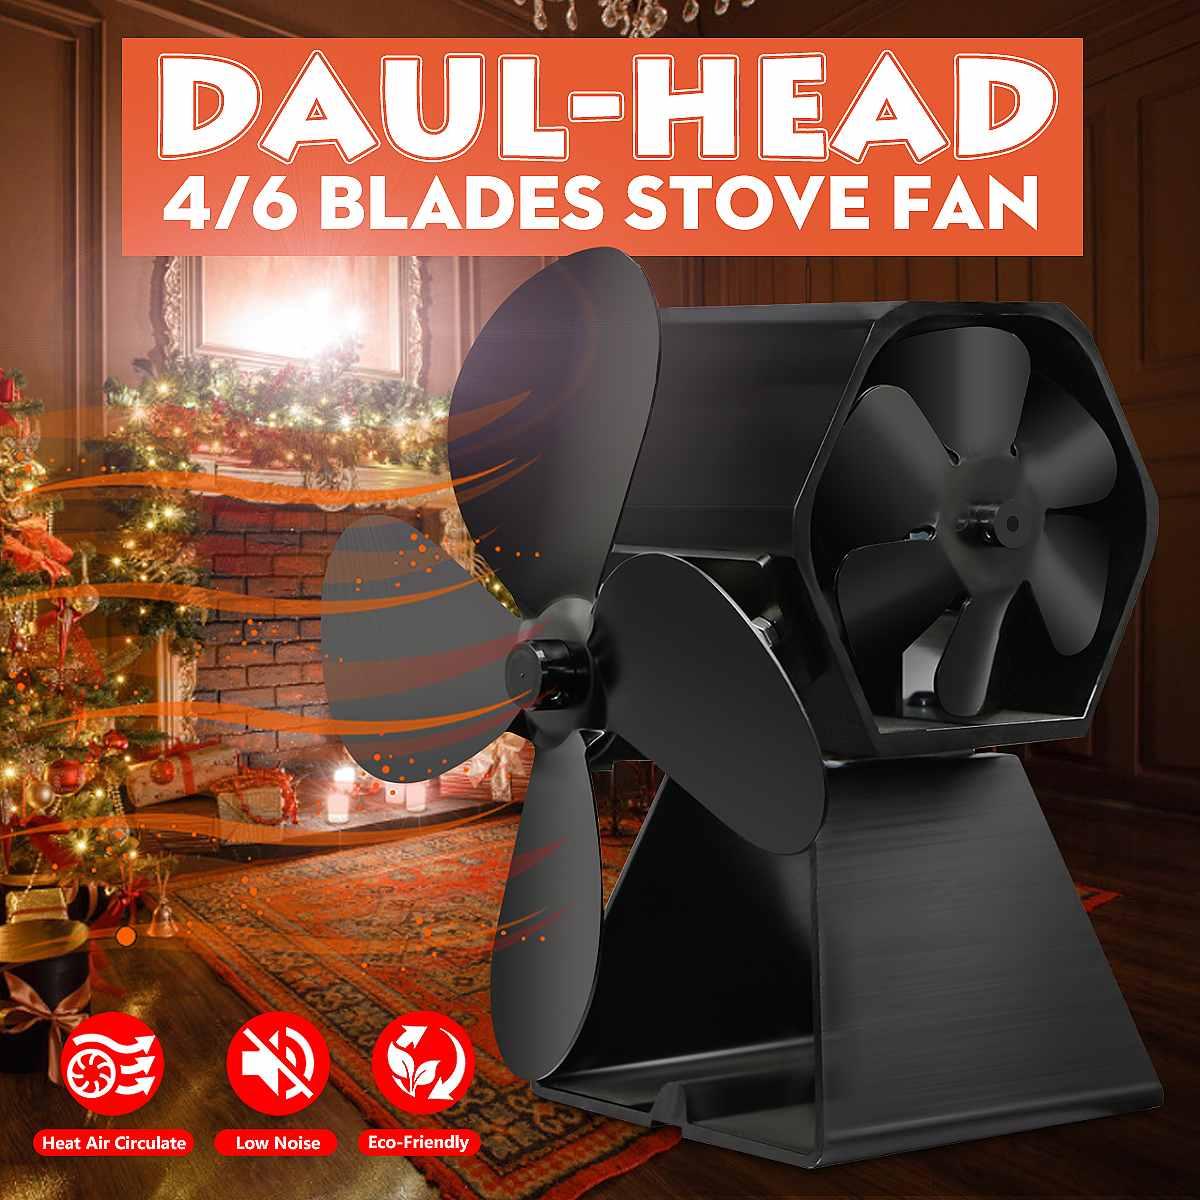 2/3/4/5 Blade Mini Heat Powered Fireplace Fan Stove Fan Eco-Friendly Thermal Wood Log Burner Warmer Fan Home Decor